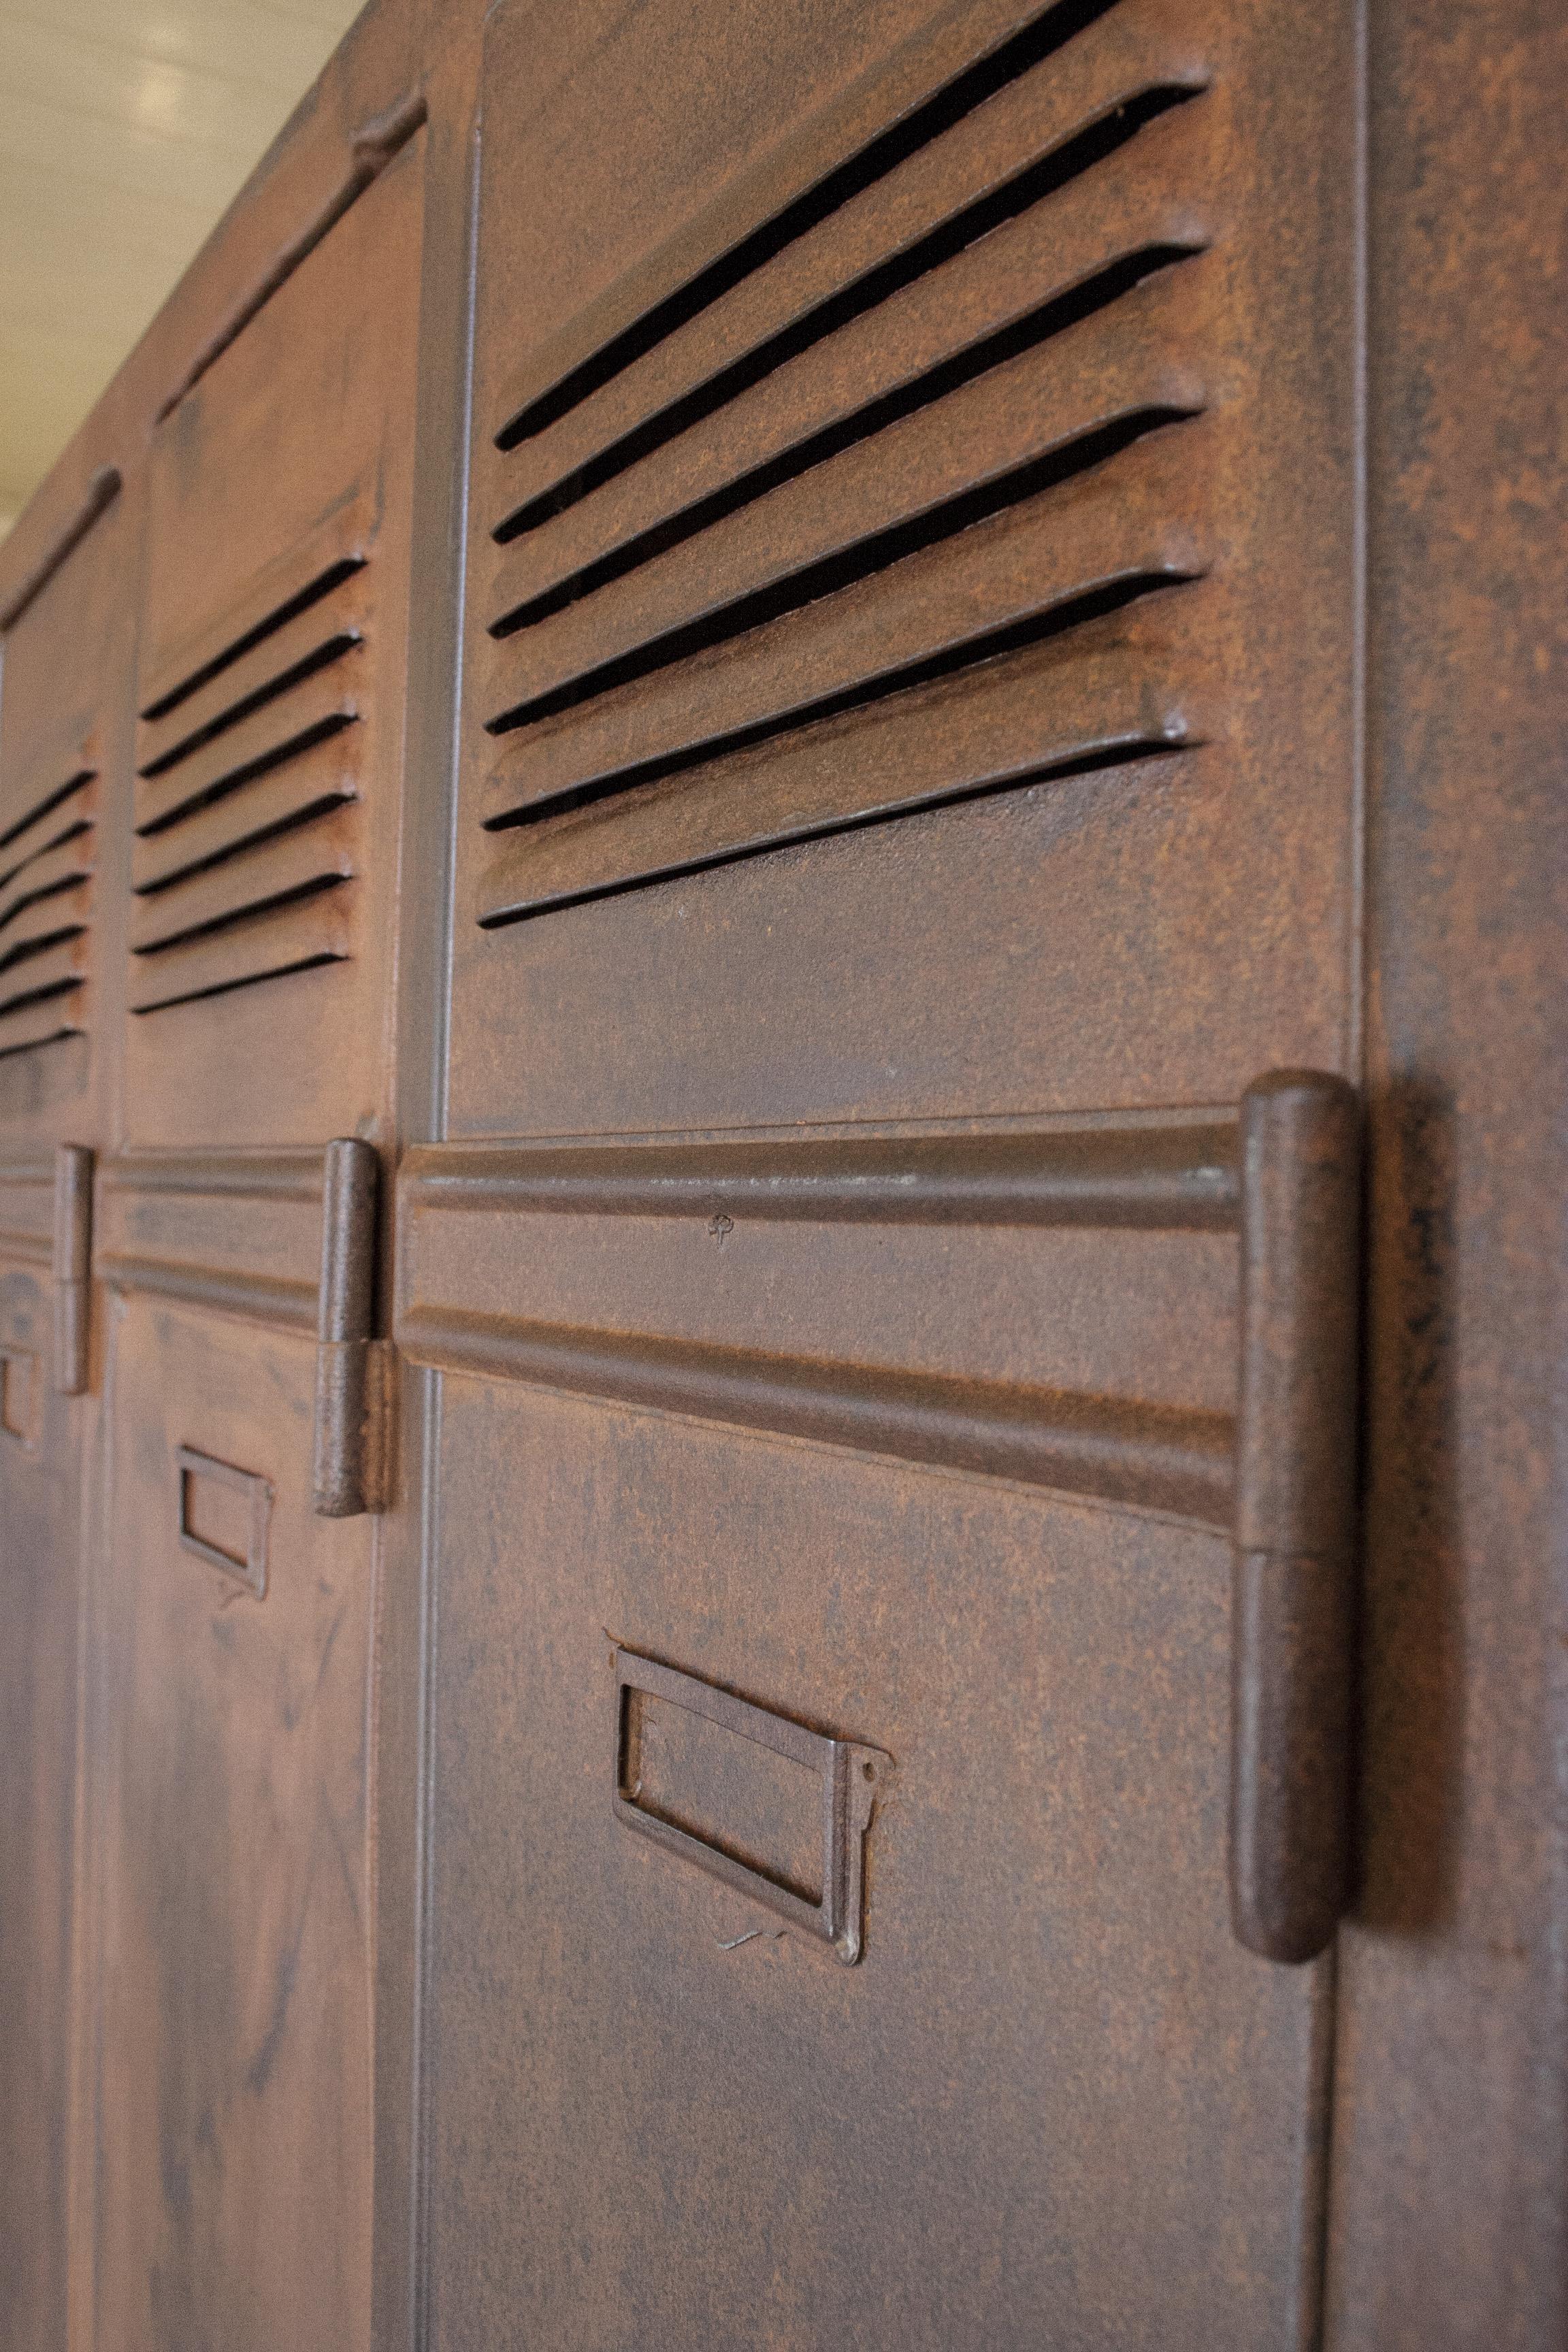 Prachtig verroeste 4-deurs locker_4.jpg